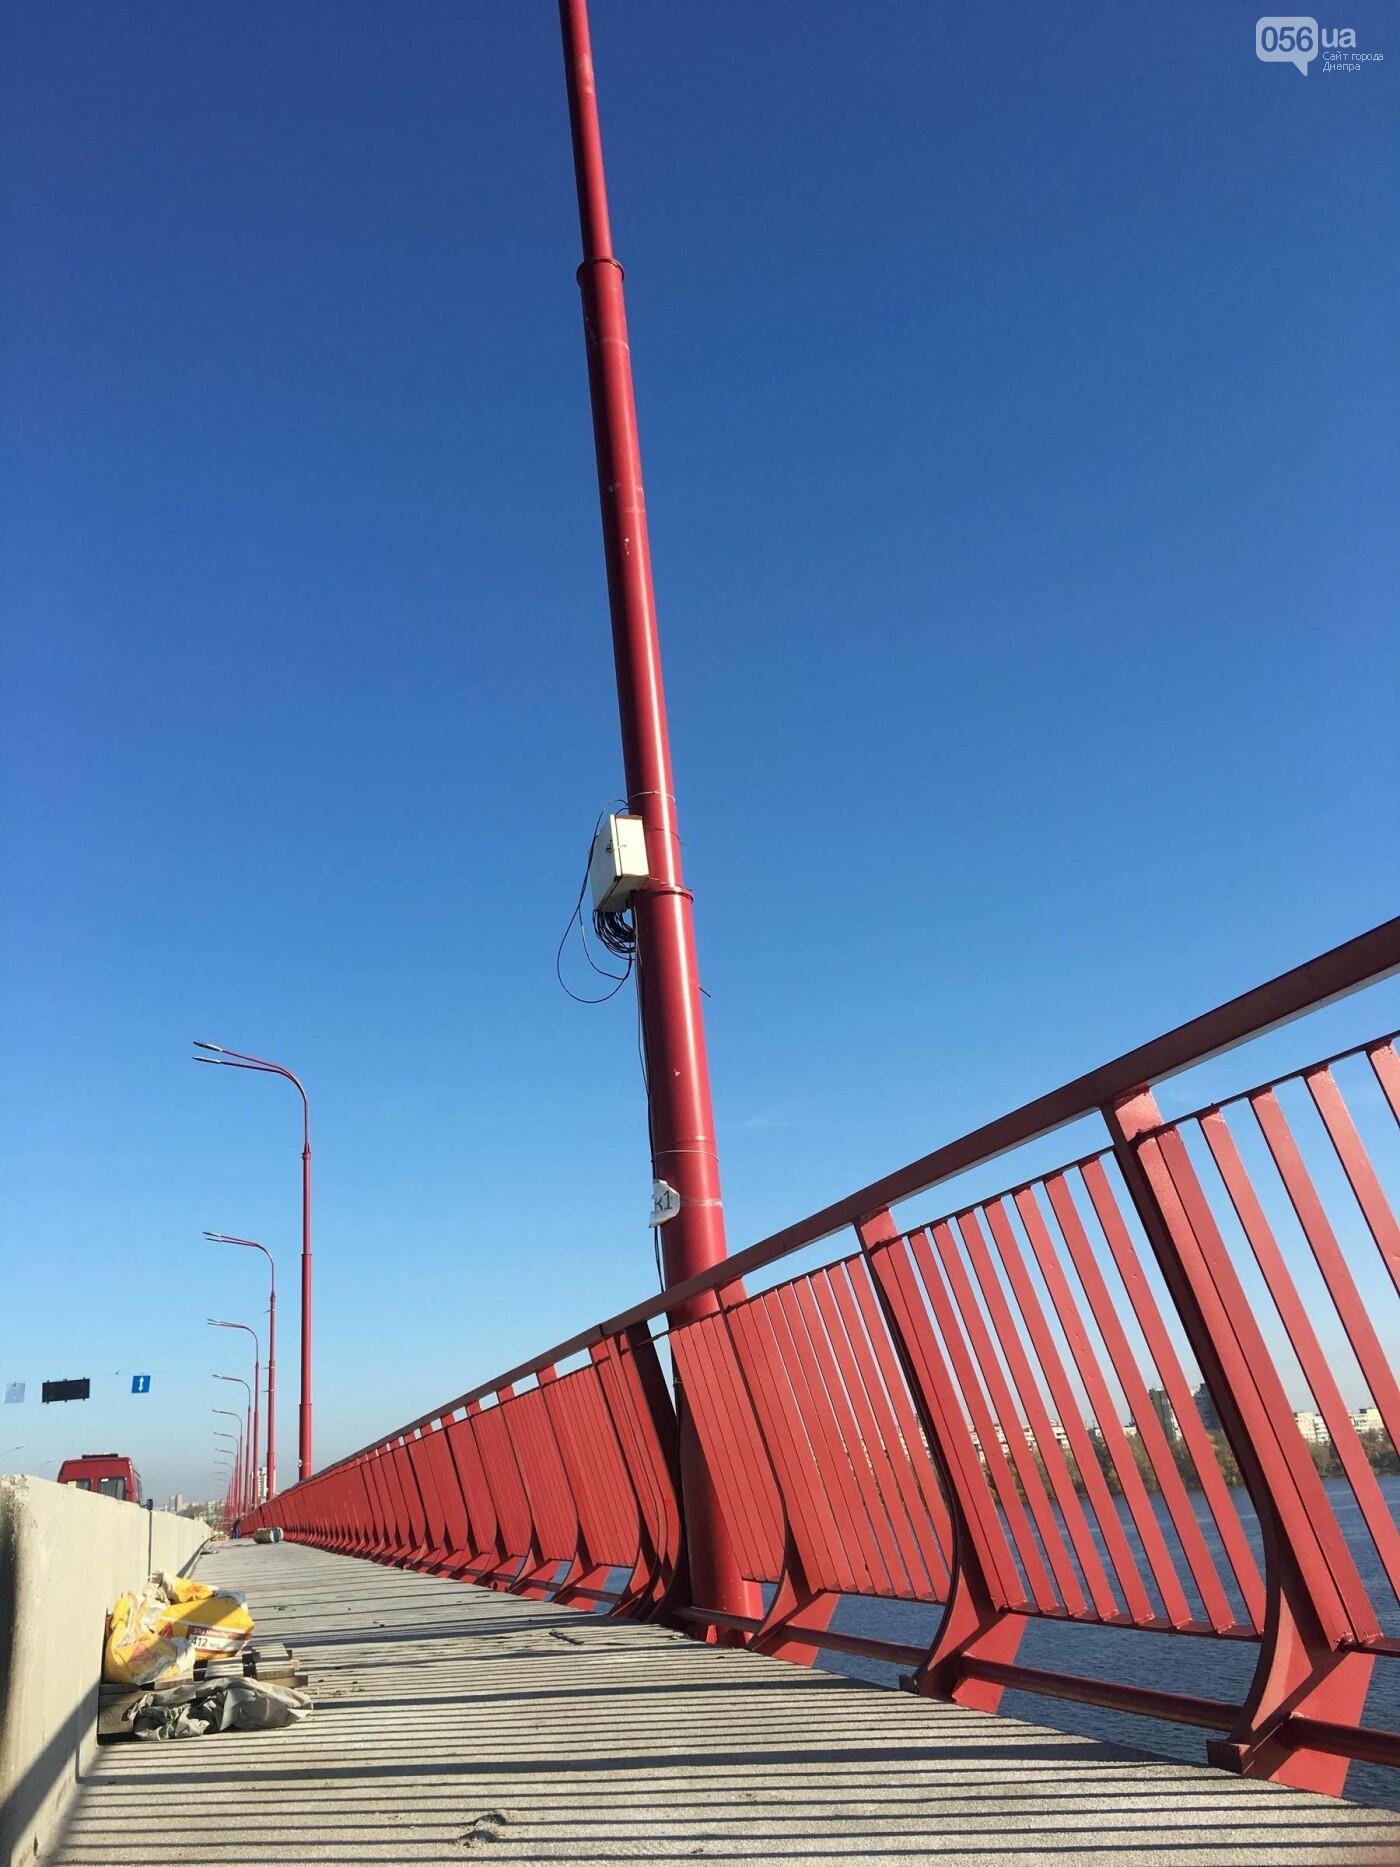 На Новом мосту в Днепре продолжает падать фонарный столб: что с ним будут делать, - ФОТО,  ВИДЕО, фото-11